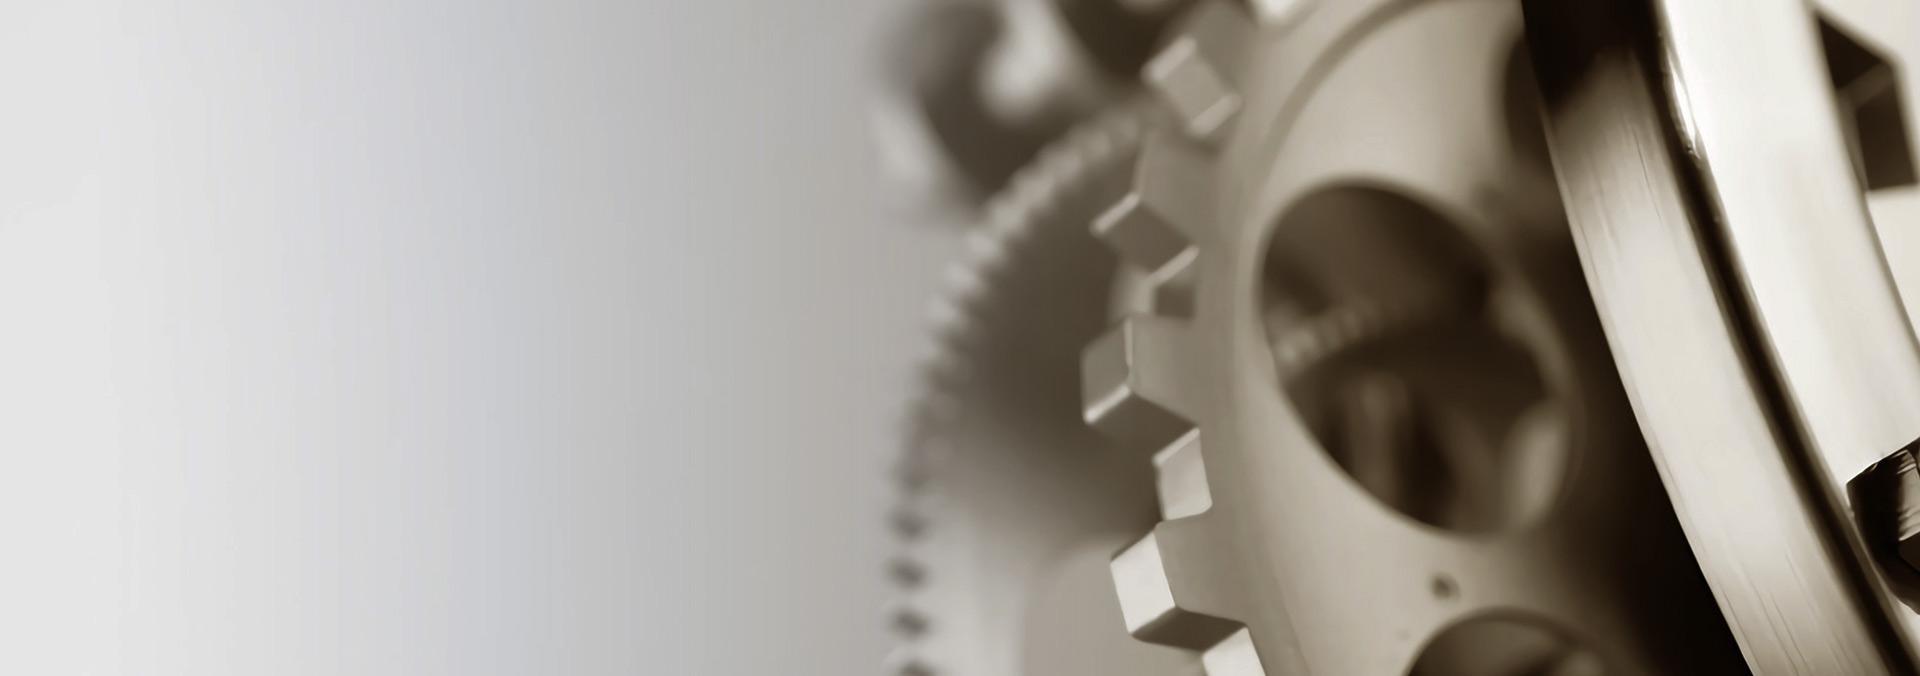 專業從事金屬粉末研發、生產、銷售<br>為一體的高新技術企業和新型材料企業